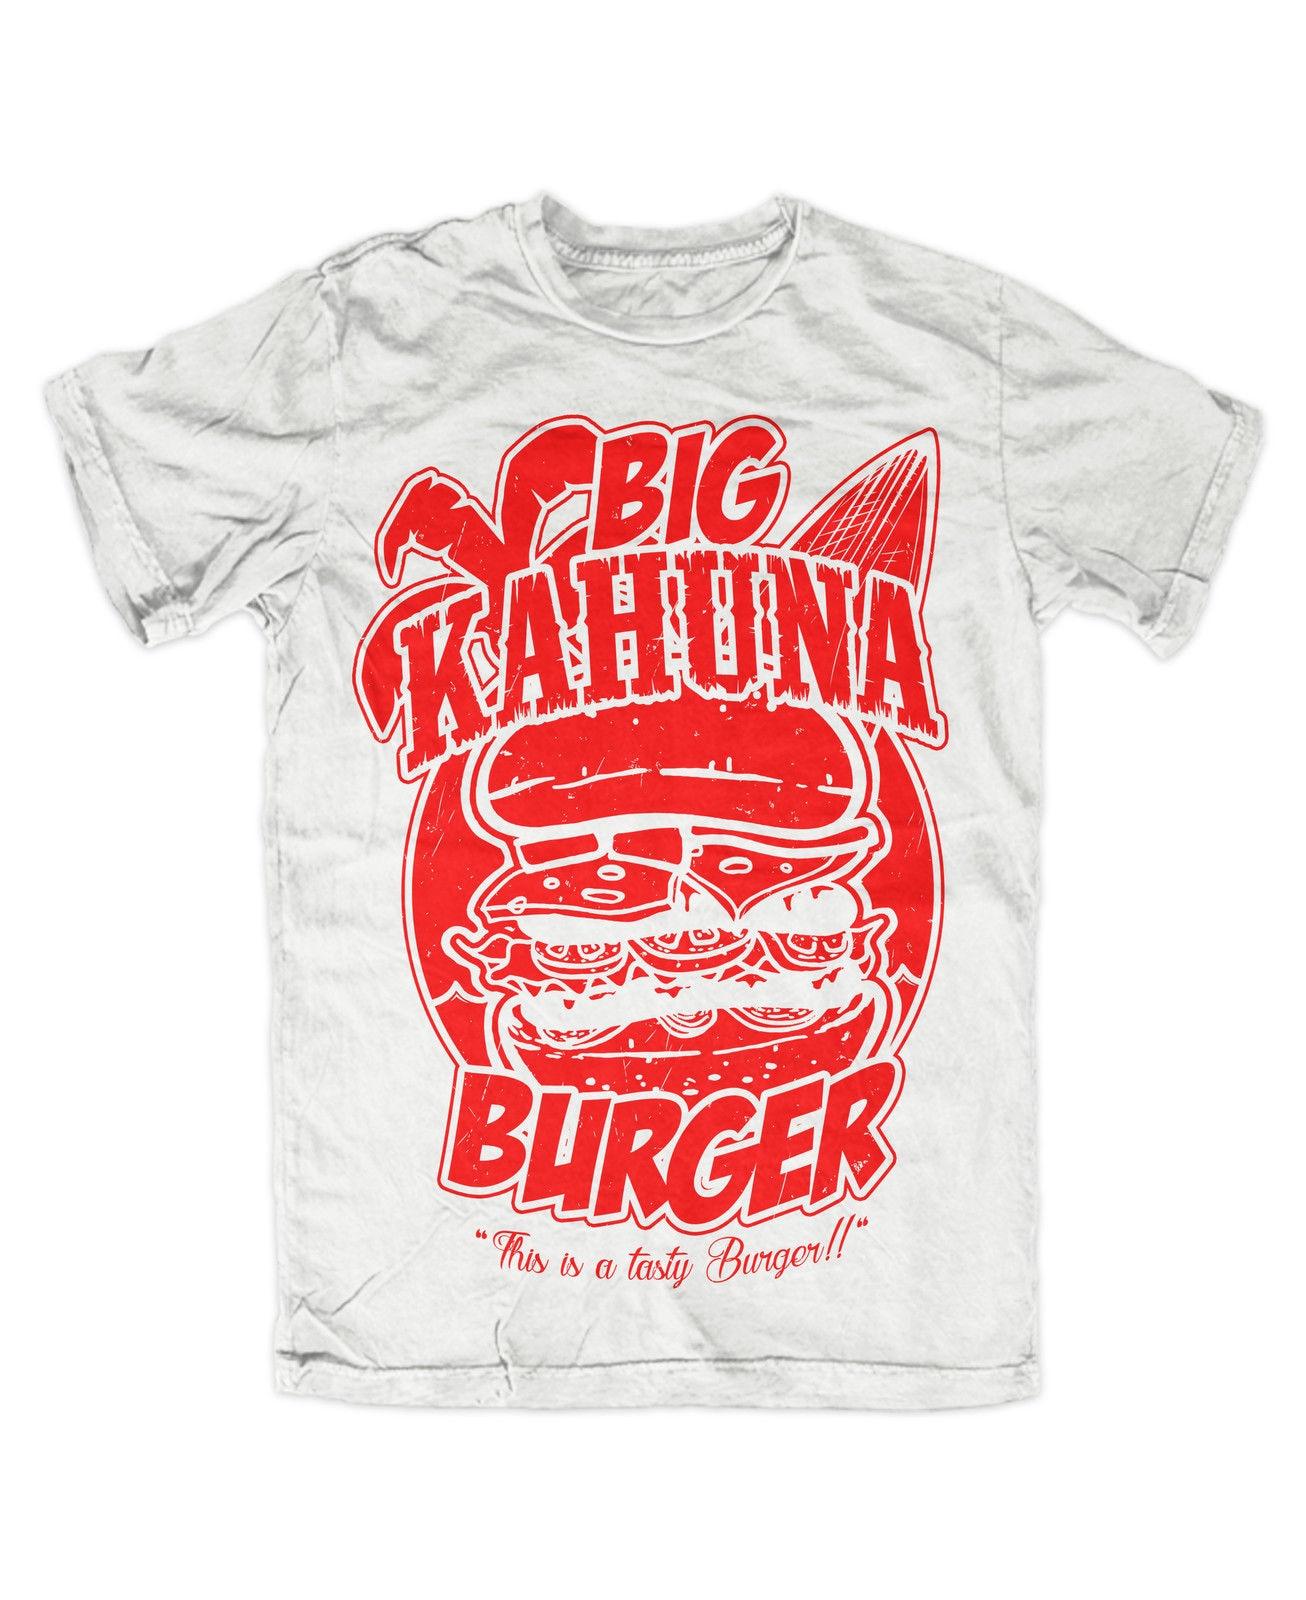 camiseta-de-la-pelicula-big-kahuna-ropa-de-la-pelicula-guacamayo-tarantino-pulp-fiction-tamano-y-colores-regalo